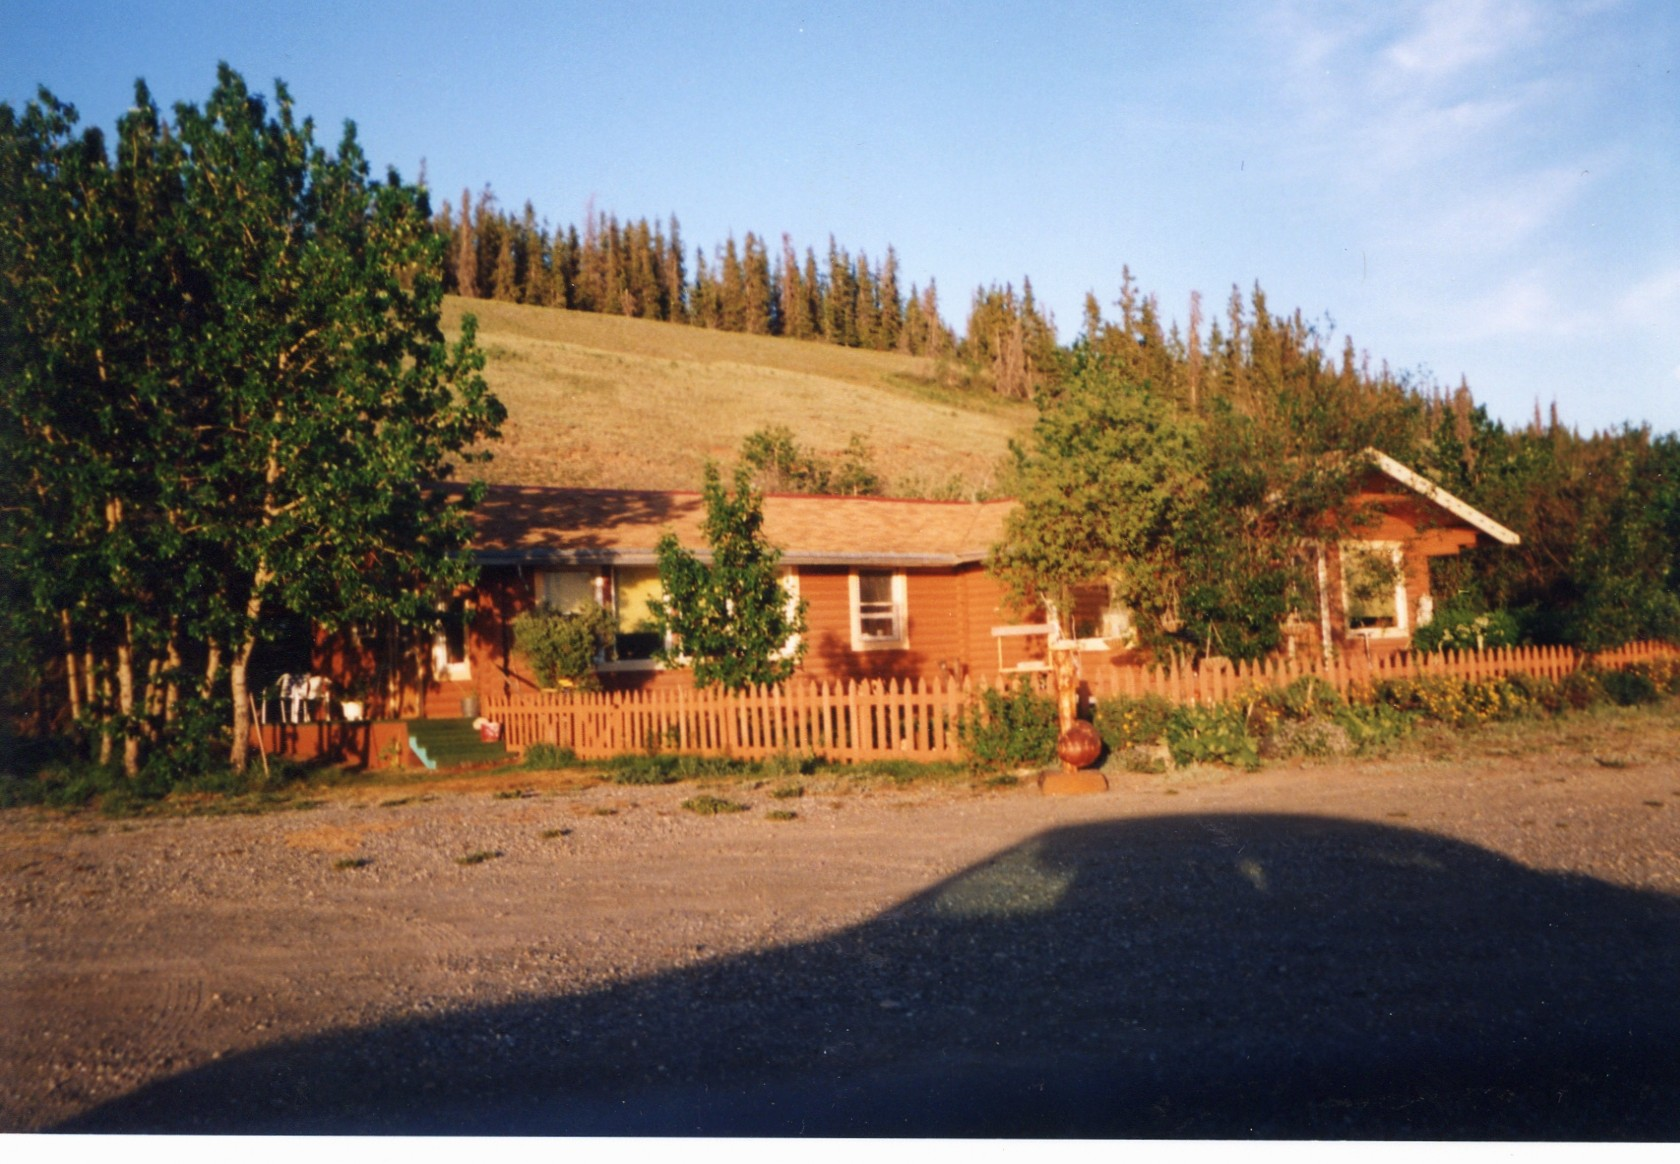 Custom - Kluani Lake, Yukon